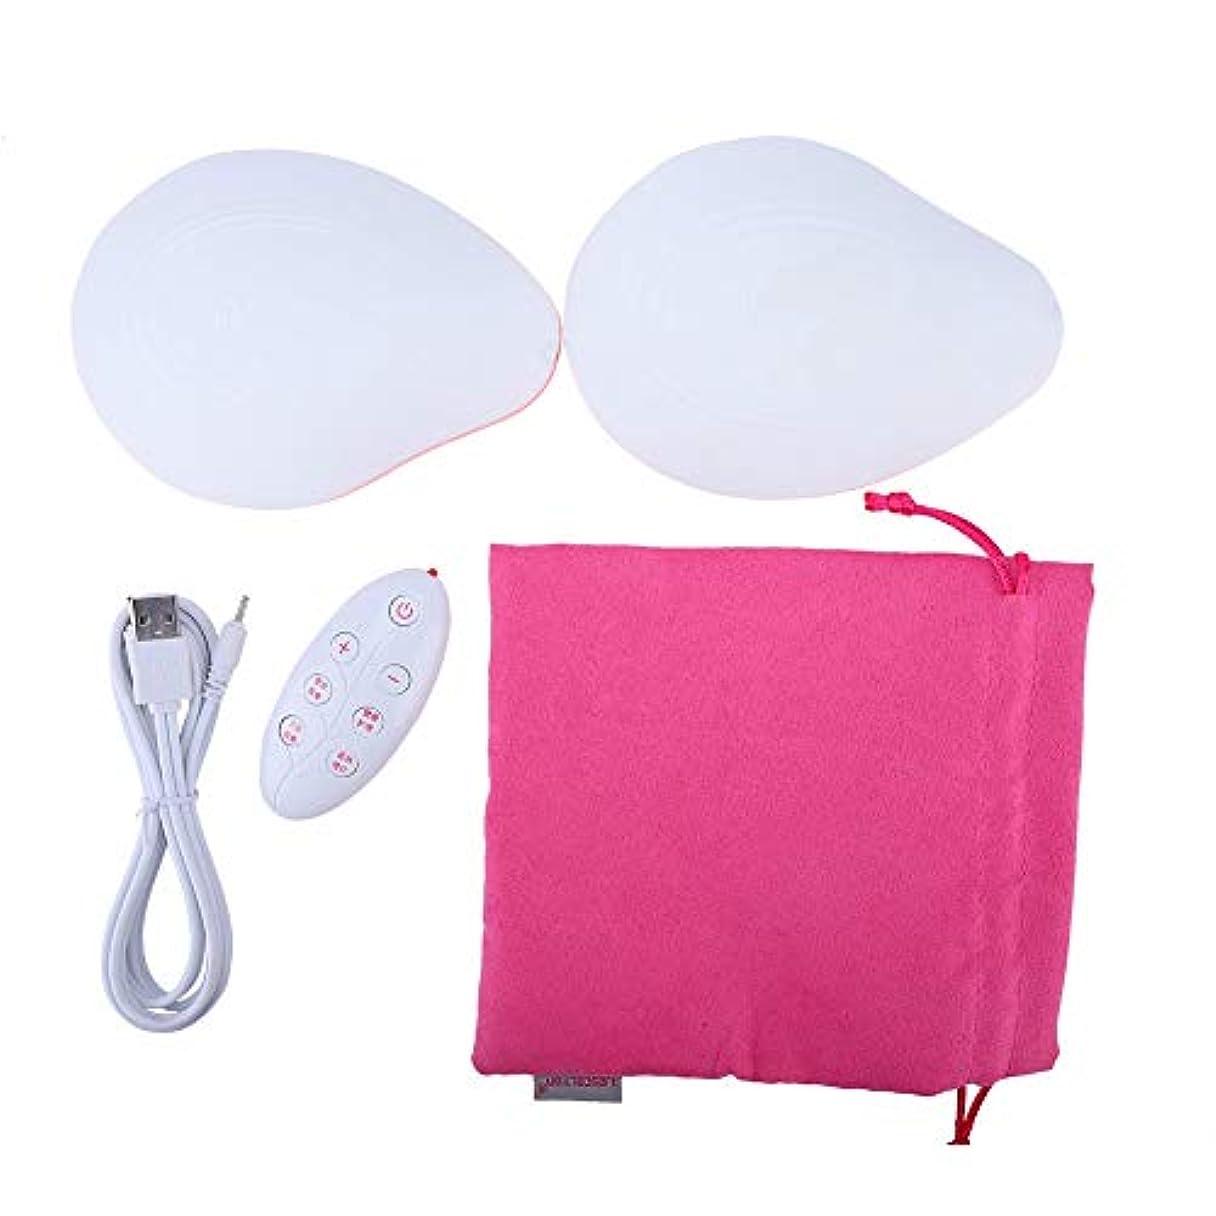 何温室急速な胸の拡大のマッサージャー、胸の拡大のためのUSBの電気振動のバストの上昇の増強物機械(#1)